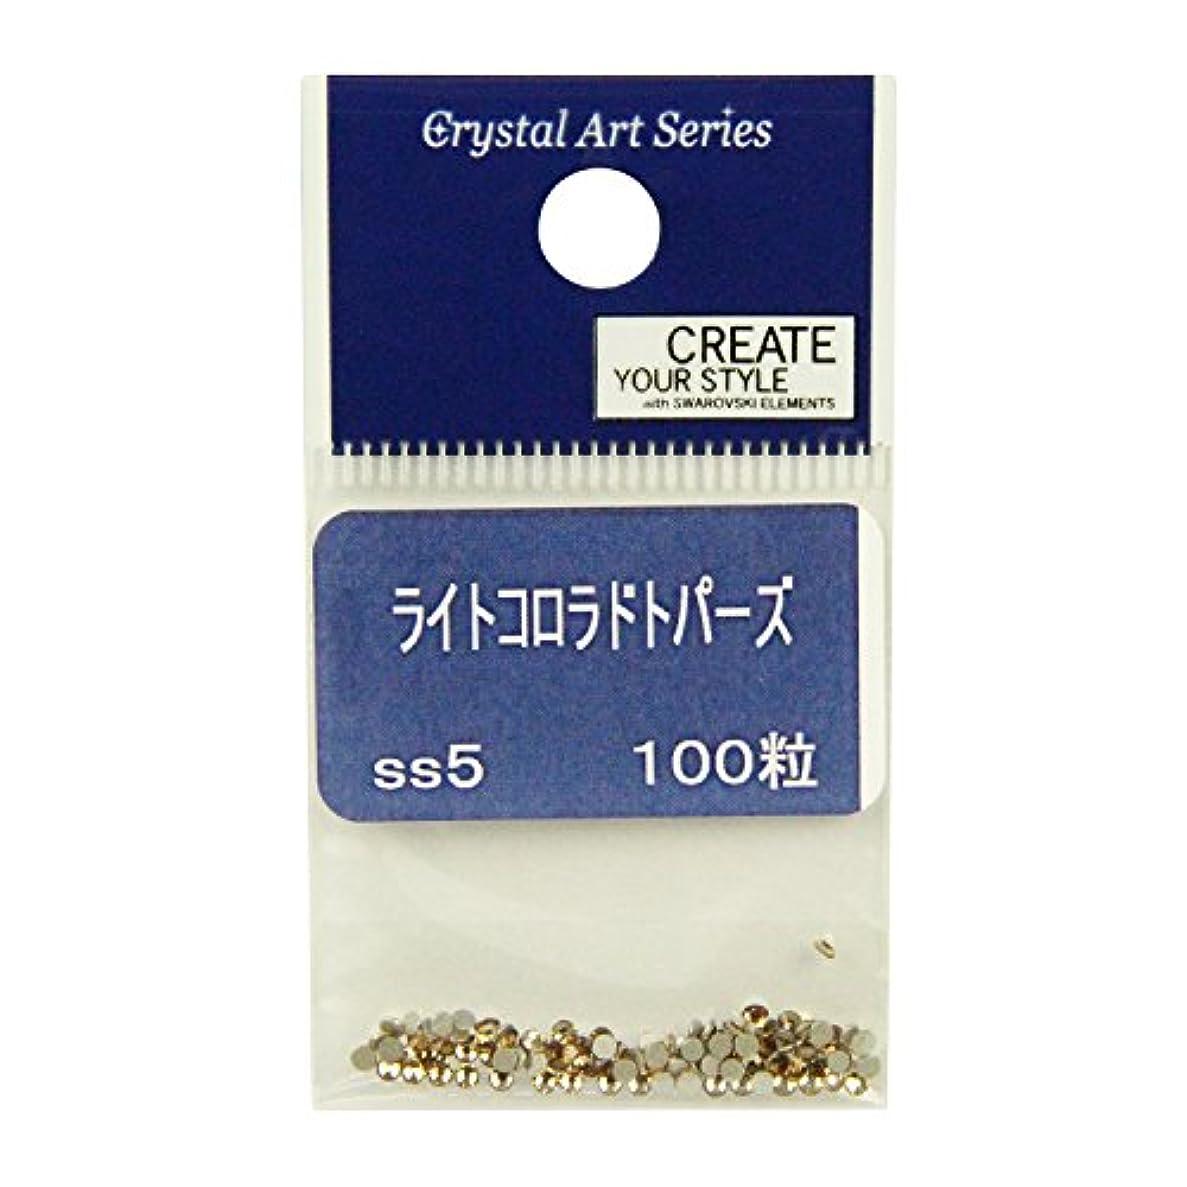 の頭の上適応的どうしたの林ケミカル Crystal Art クリスタルアート スワロフスキー?エレメント フラットバック #2058 100粒 ライトコロラドトパーズ SS5